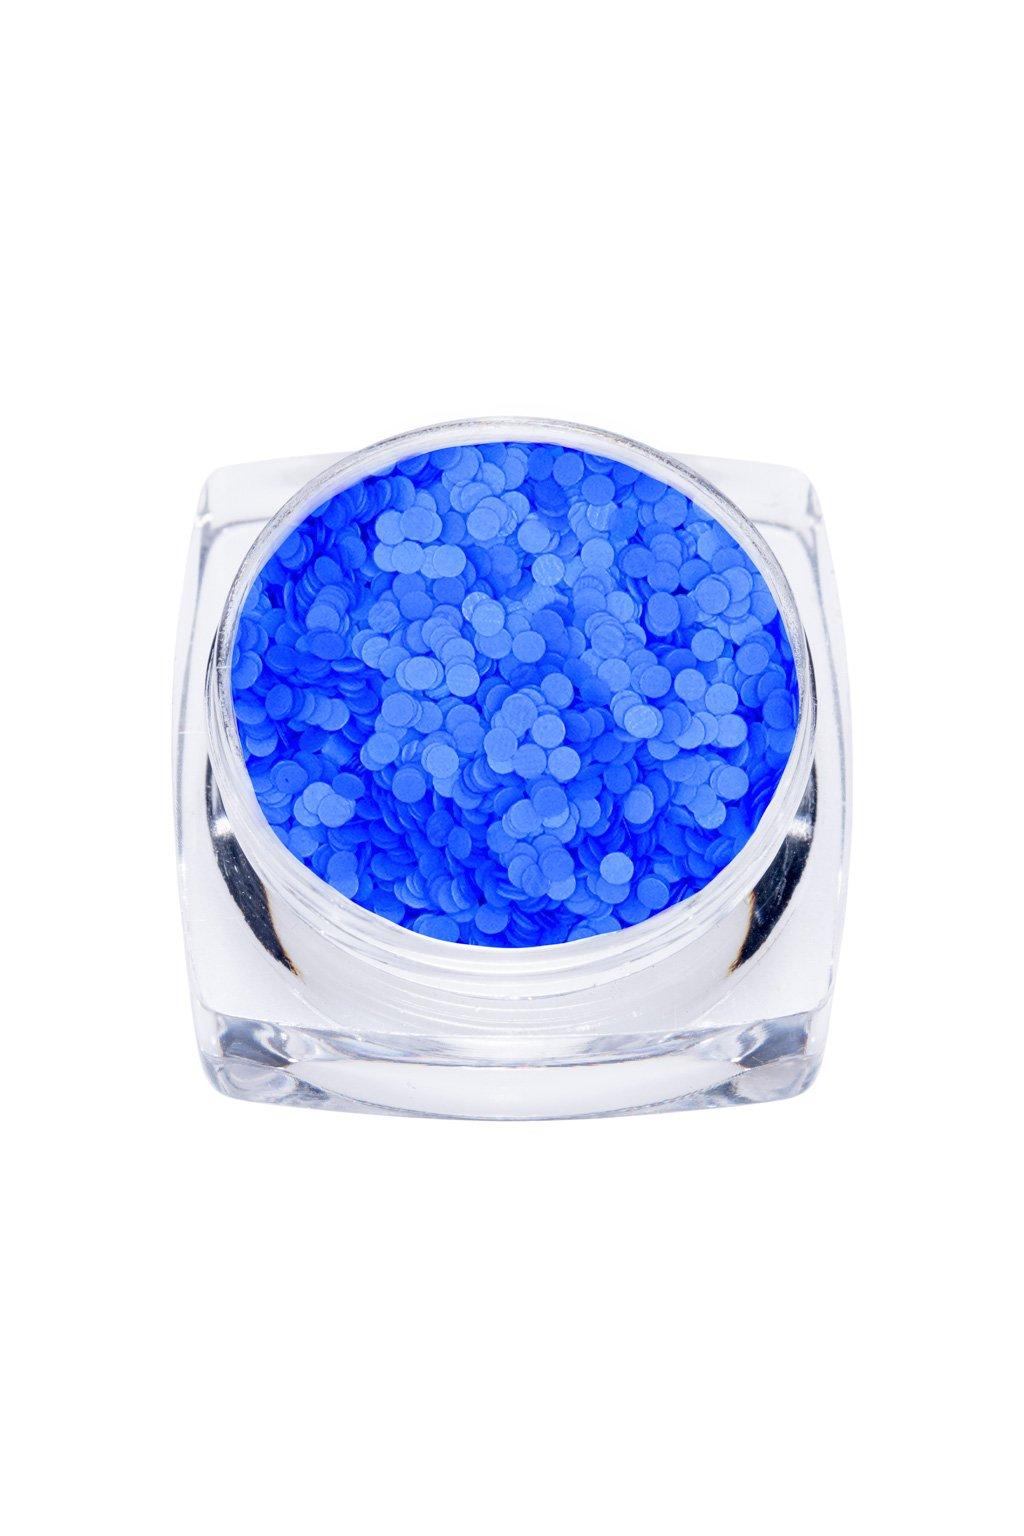 23993 minipihy neon blue 1mm